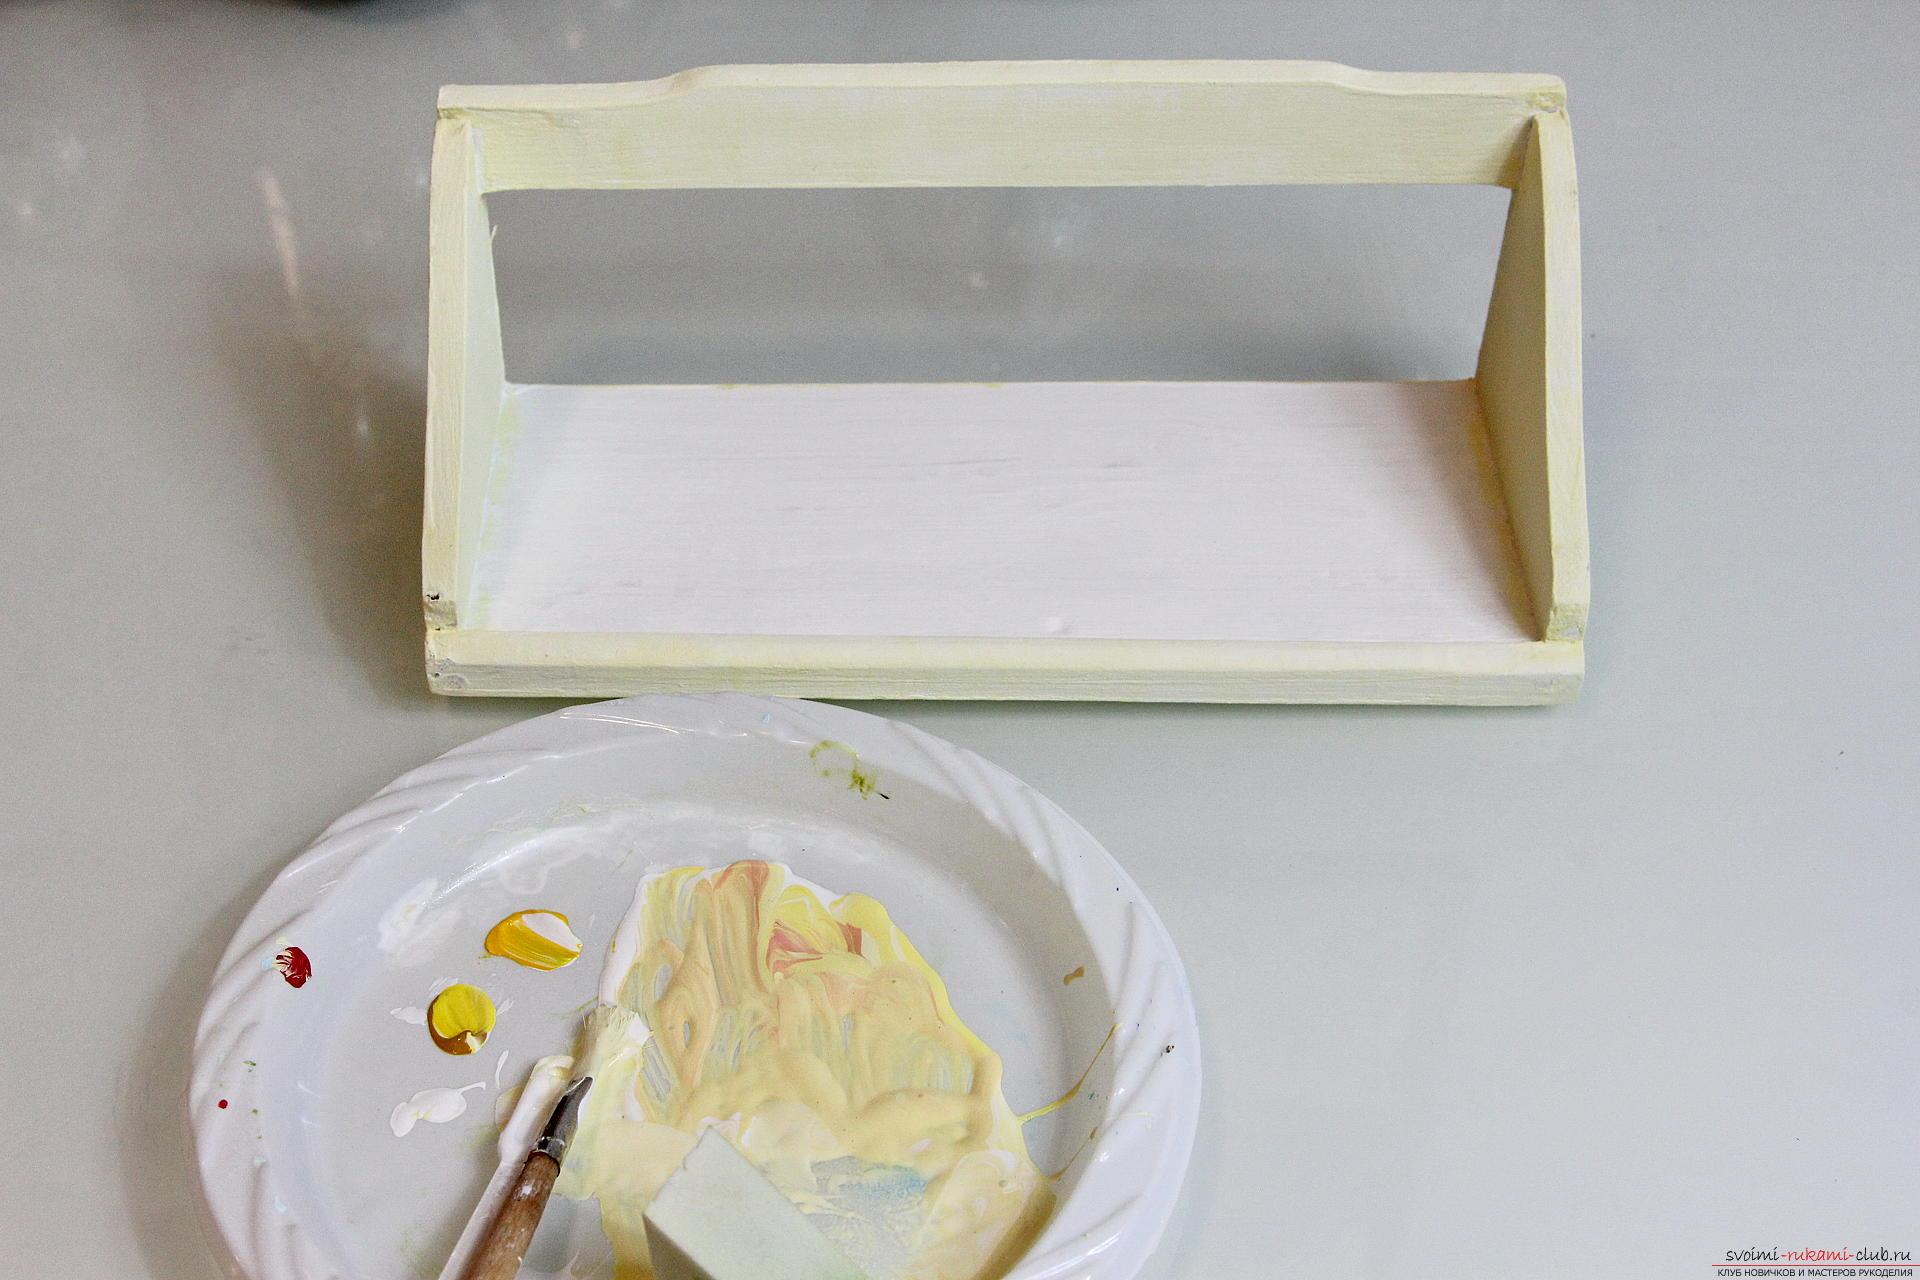 Этот подробный мастер-класс с фото и описанием научит как создать своими руками декор полочки для кухни.. Фото №5